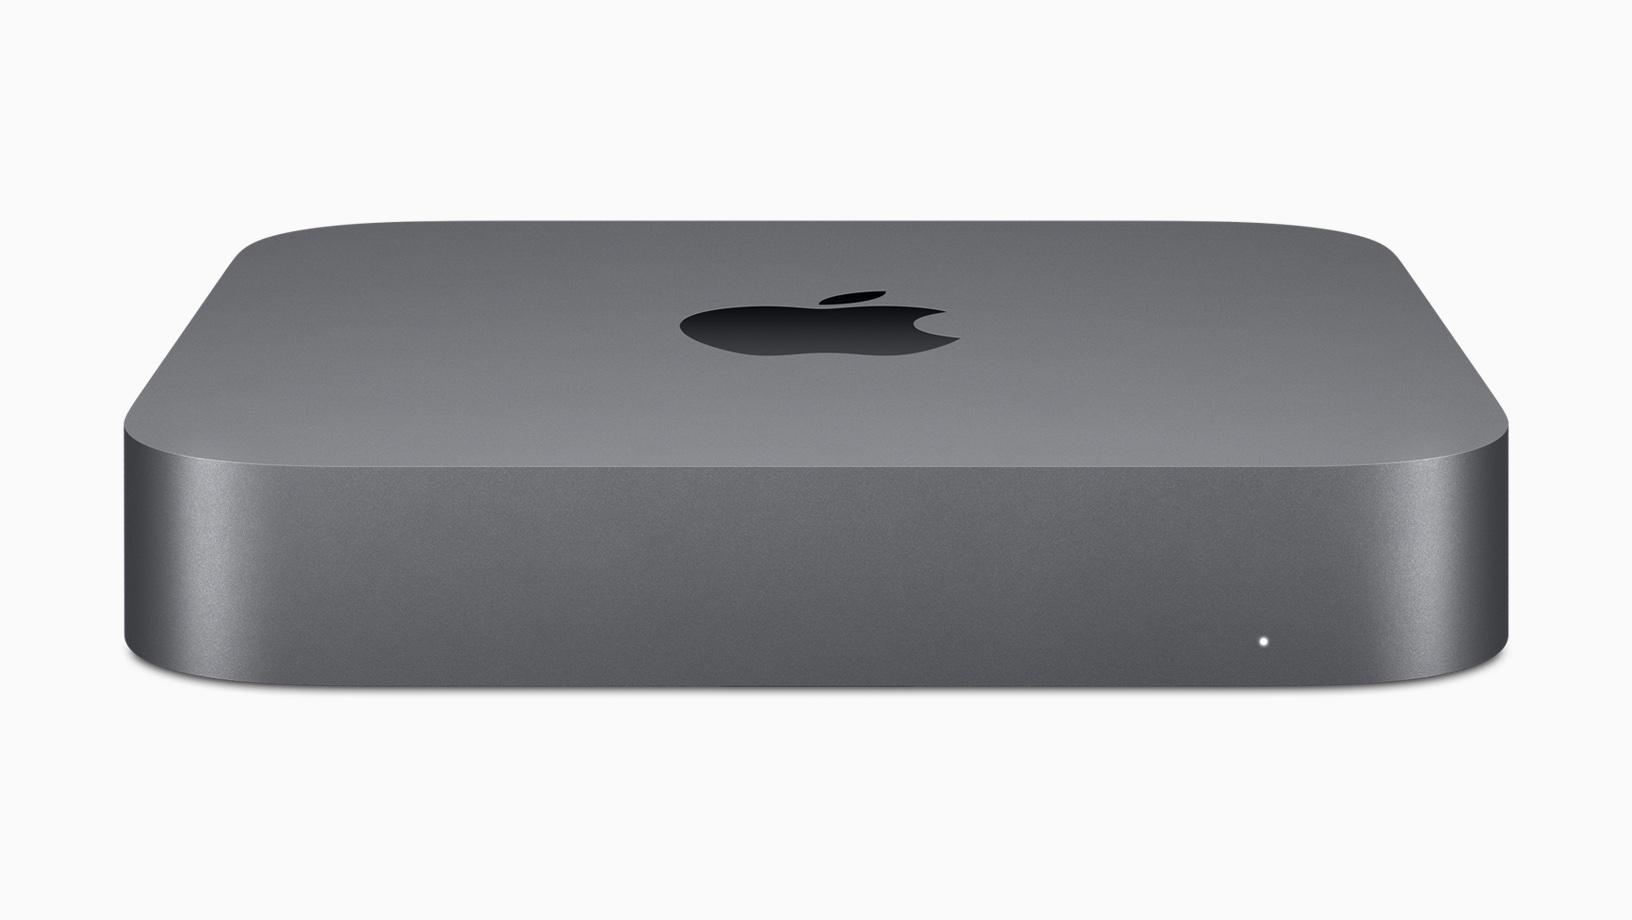 At long last, Apple gives us a new Mac mini